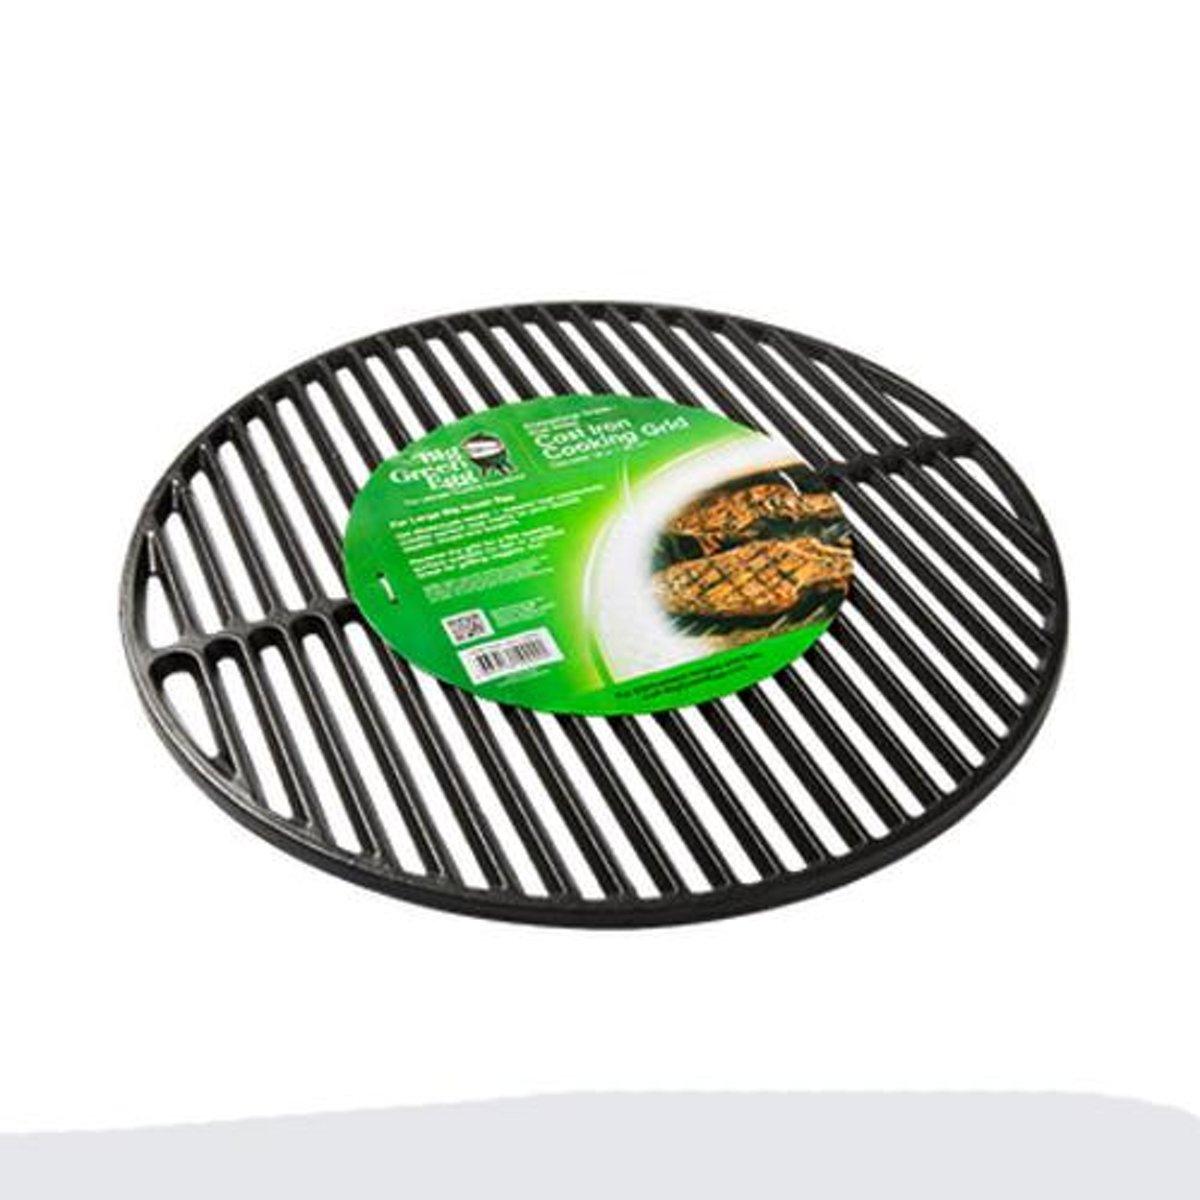 Bbq Rooster Kopen.Bol Com Barbecuerooster Kopen Alle Barbecueroosters Online